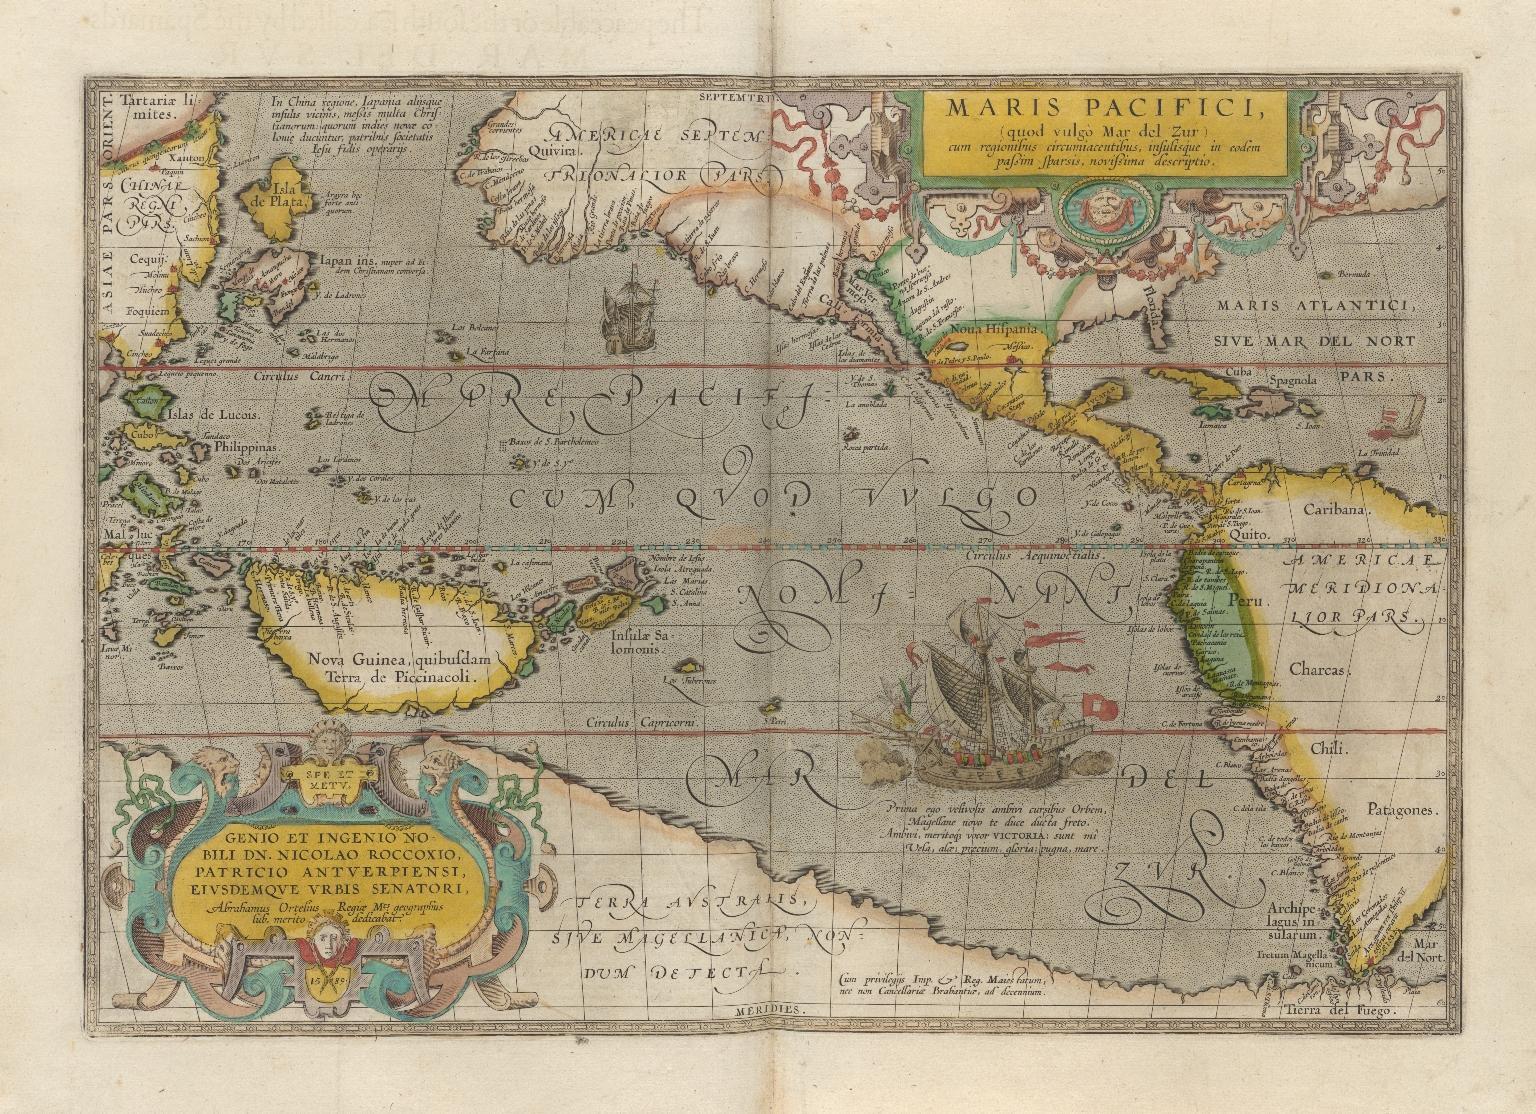 Maris Pacifici, (quod vulgò Mar del Zur) cum regionibus circumiacentibus, insulisq́ue in eodem passim sparsis, novissima descriptio